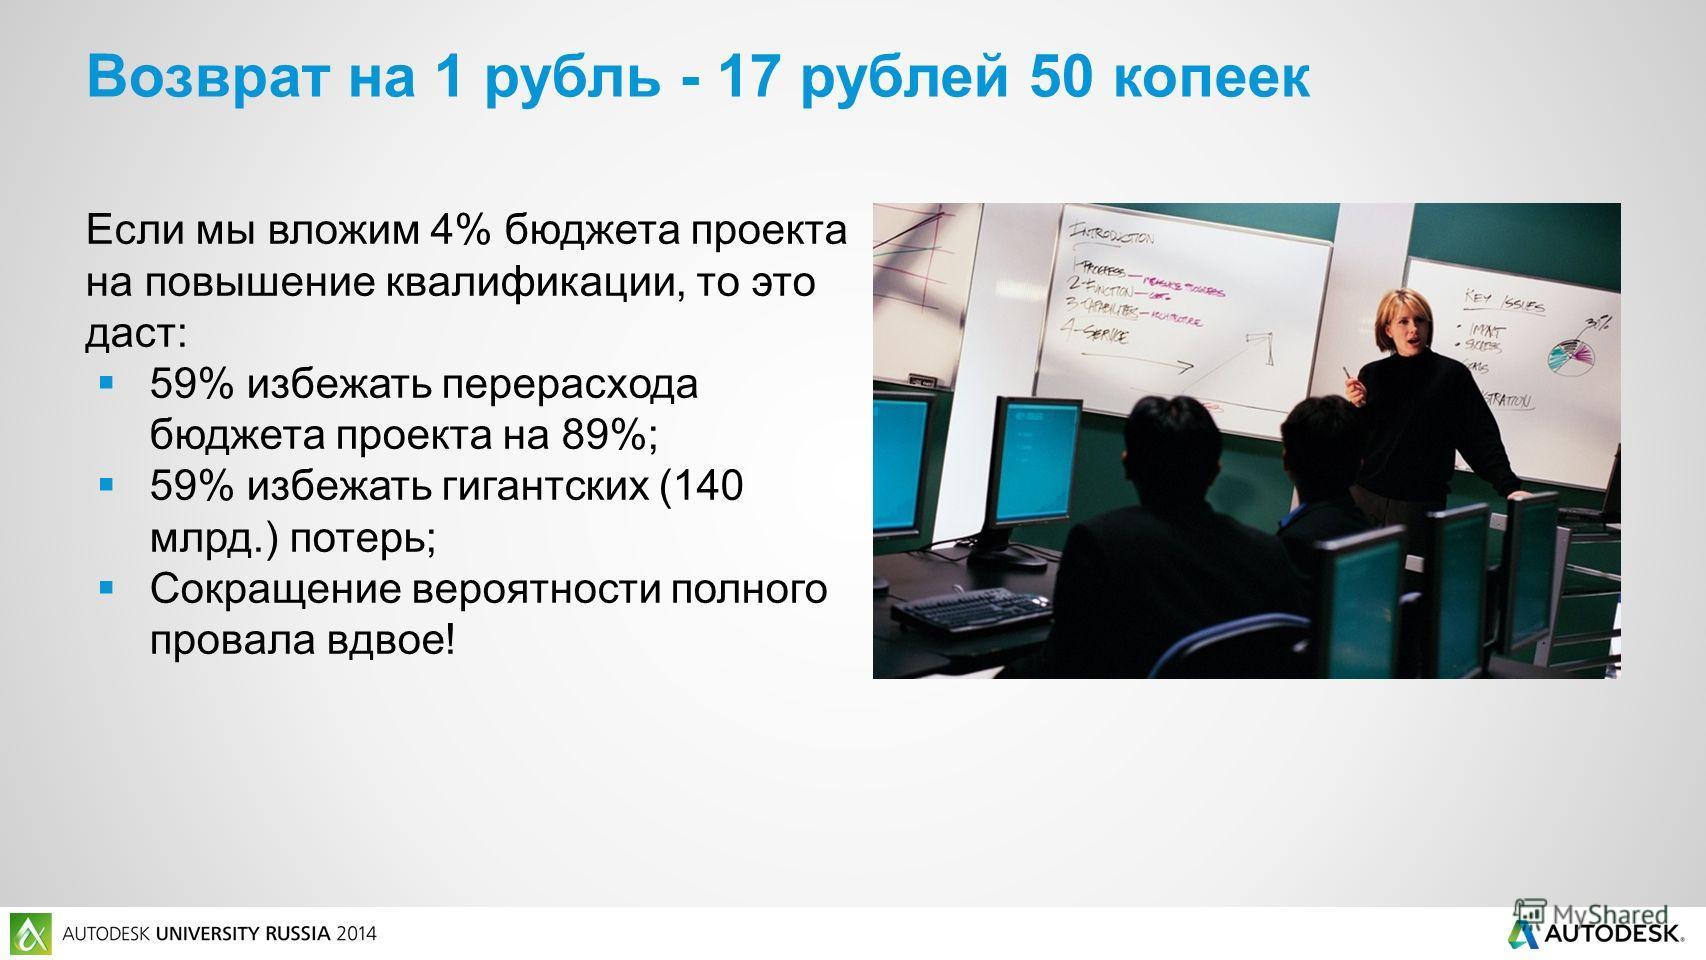 Если мы вложим 4% бюджета проекта на повышение квалификации, то это даст: 59% избежать перерасхода бюджета проекта на 89%; 59% избежать гигантских (140 млрд.) потерь; Сокращение вероятности полного провала вдвое! Возврат на 1 рубль - 17 рублей 50 коп